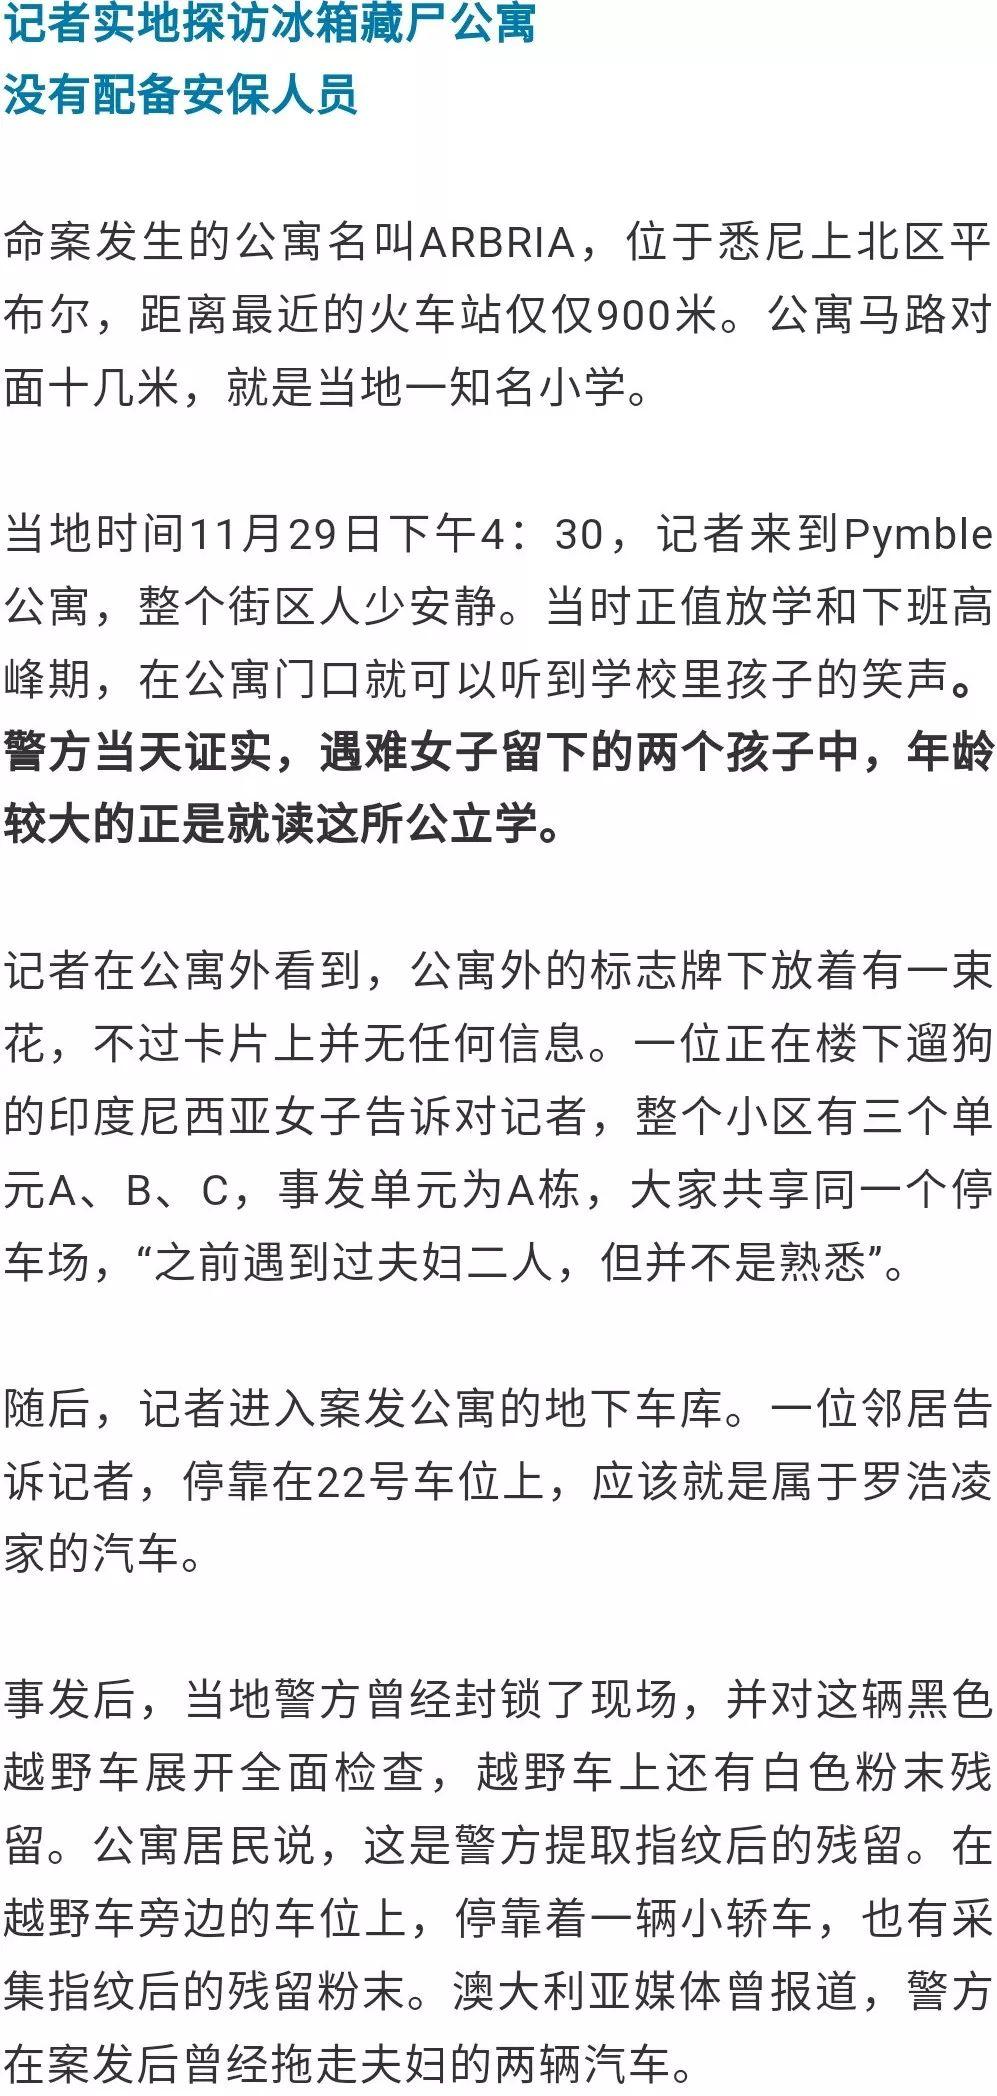 中國女子在澳大利亞遇害被發現藏尸冰柜,警方:其丈夫前一天帶孩子連夜回國